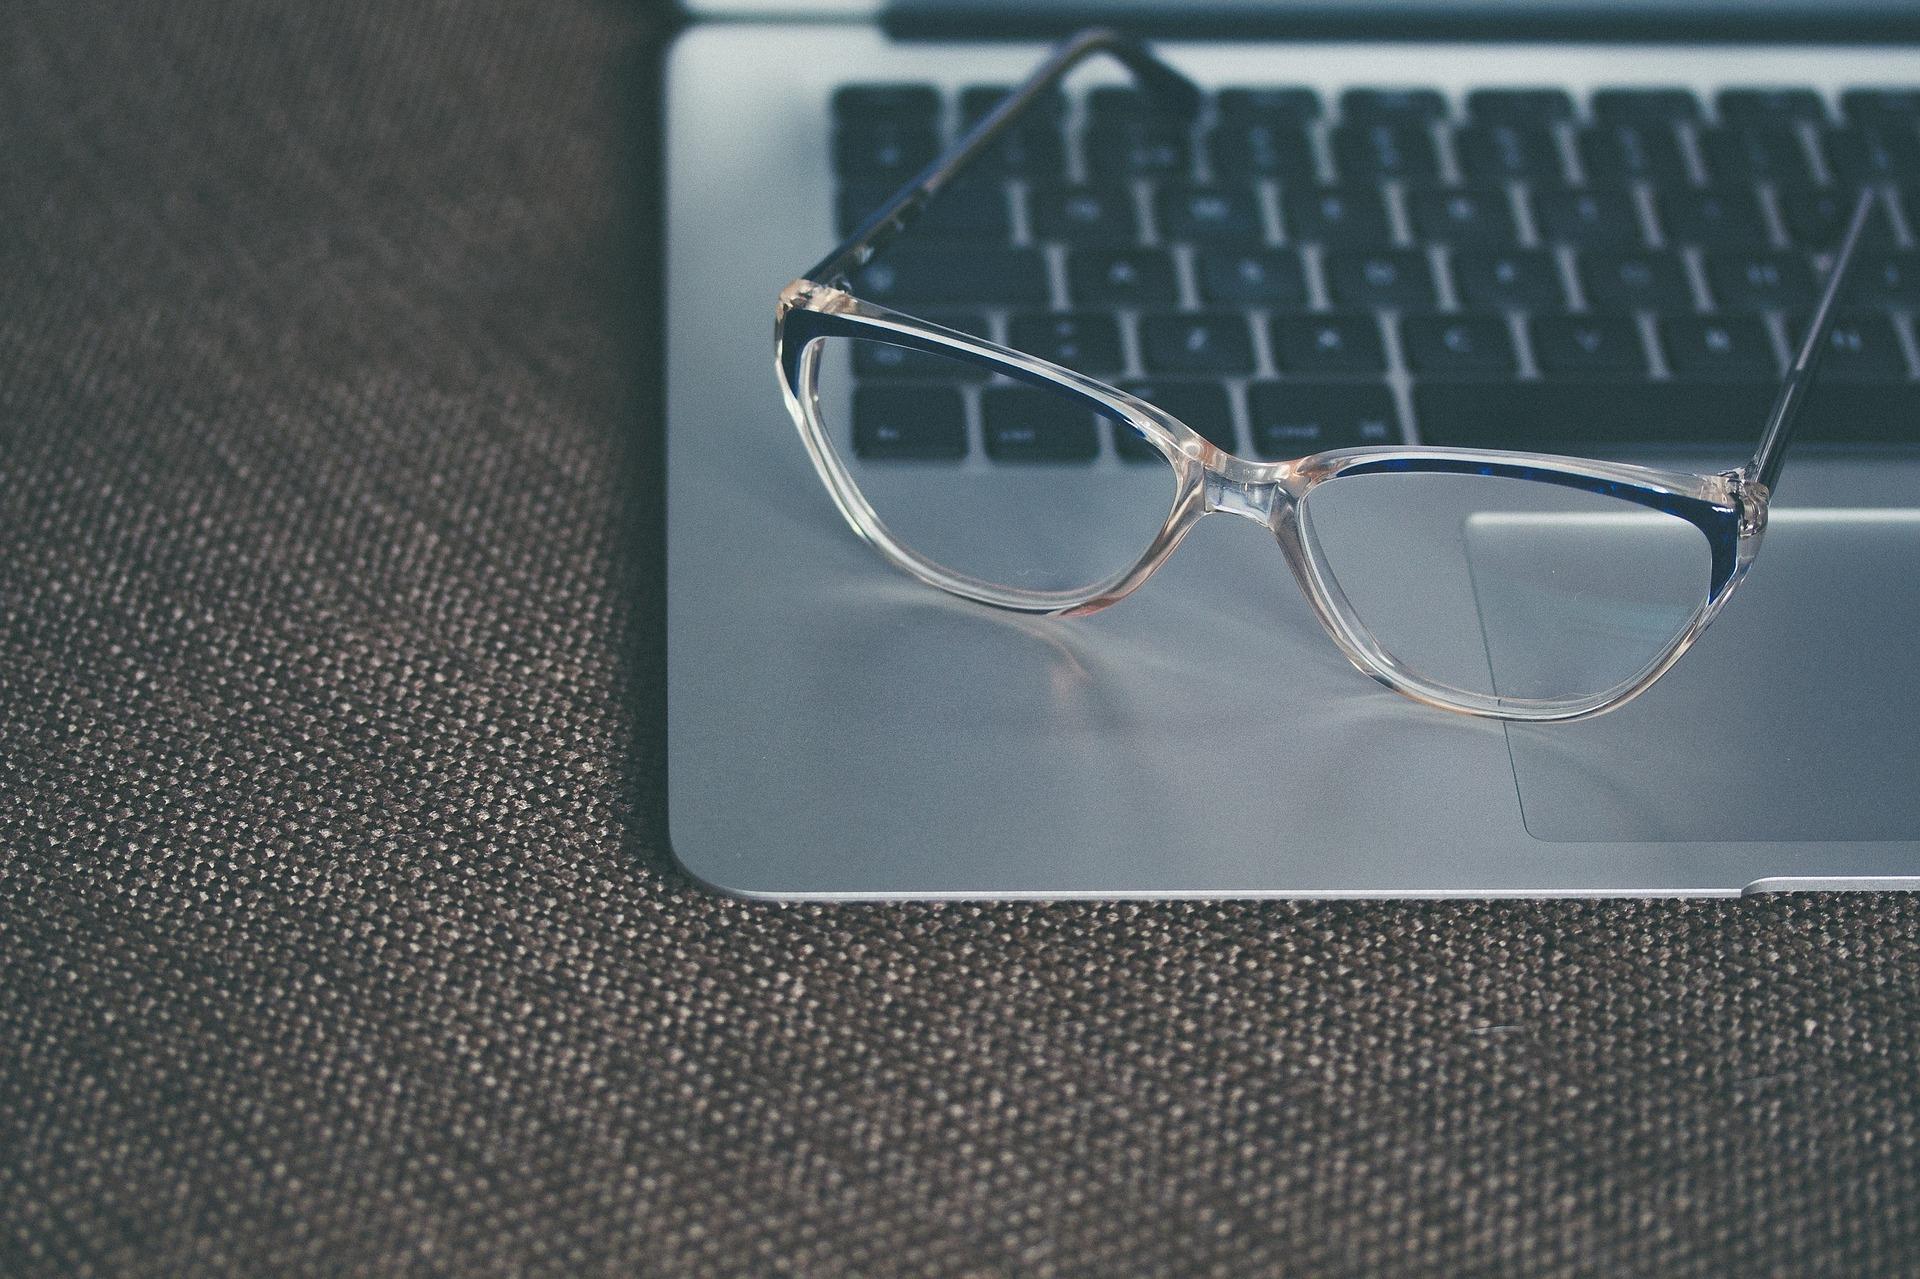 Как да облекчим напрежението в очите, когато работим на компютър?